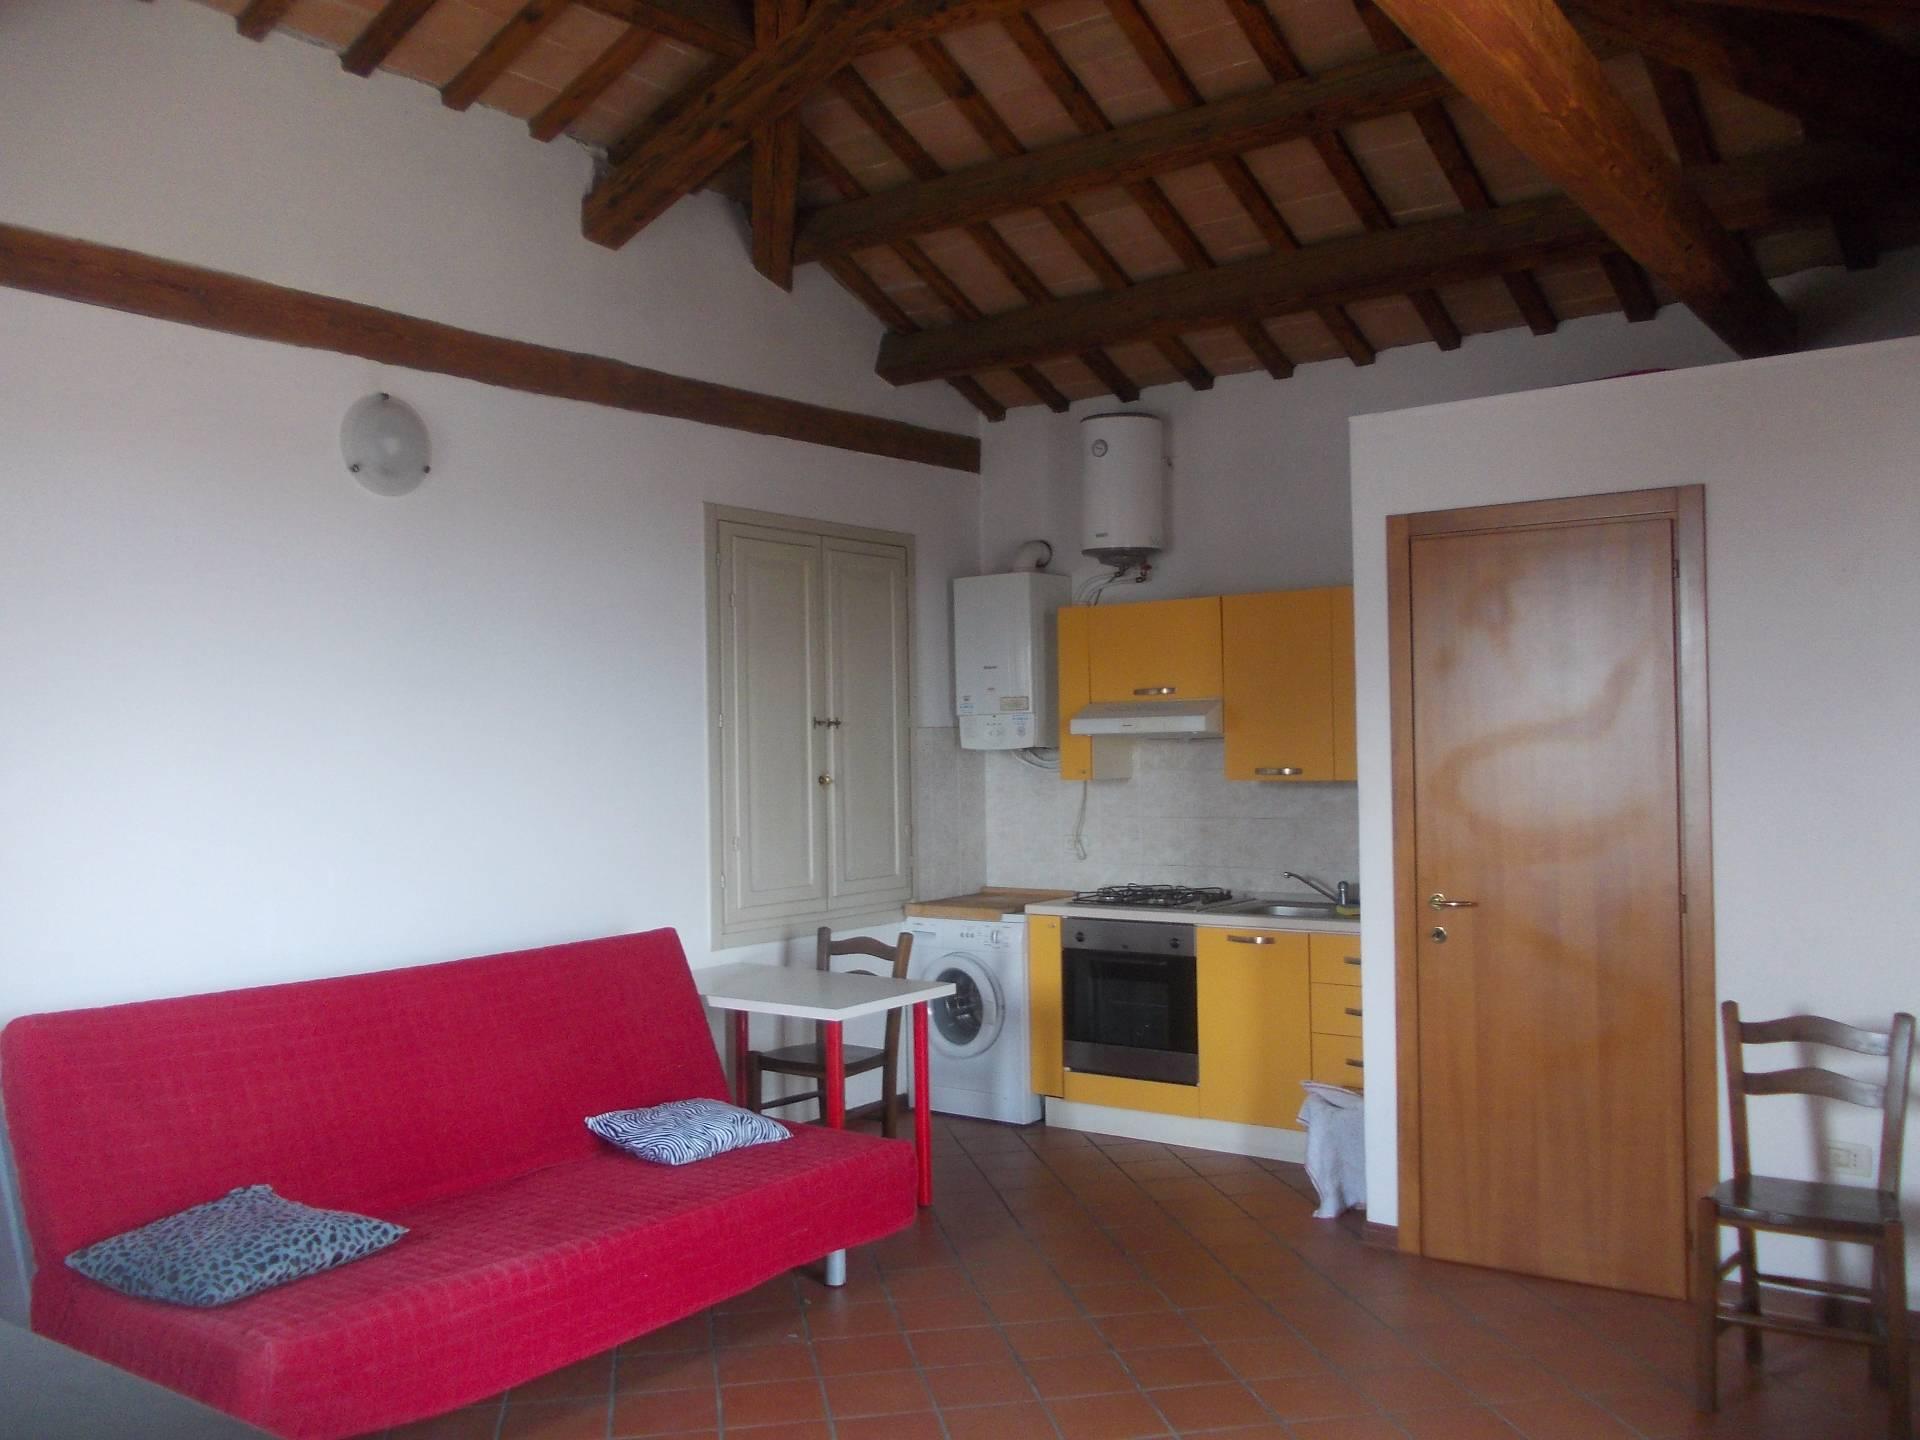 Appartamento in affitto a Faenza, 2 locali, zona Località: CENTRO, prezzo € 390 | Cambio Casa.it